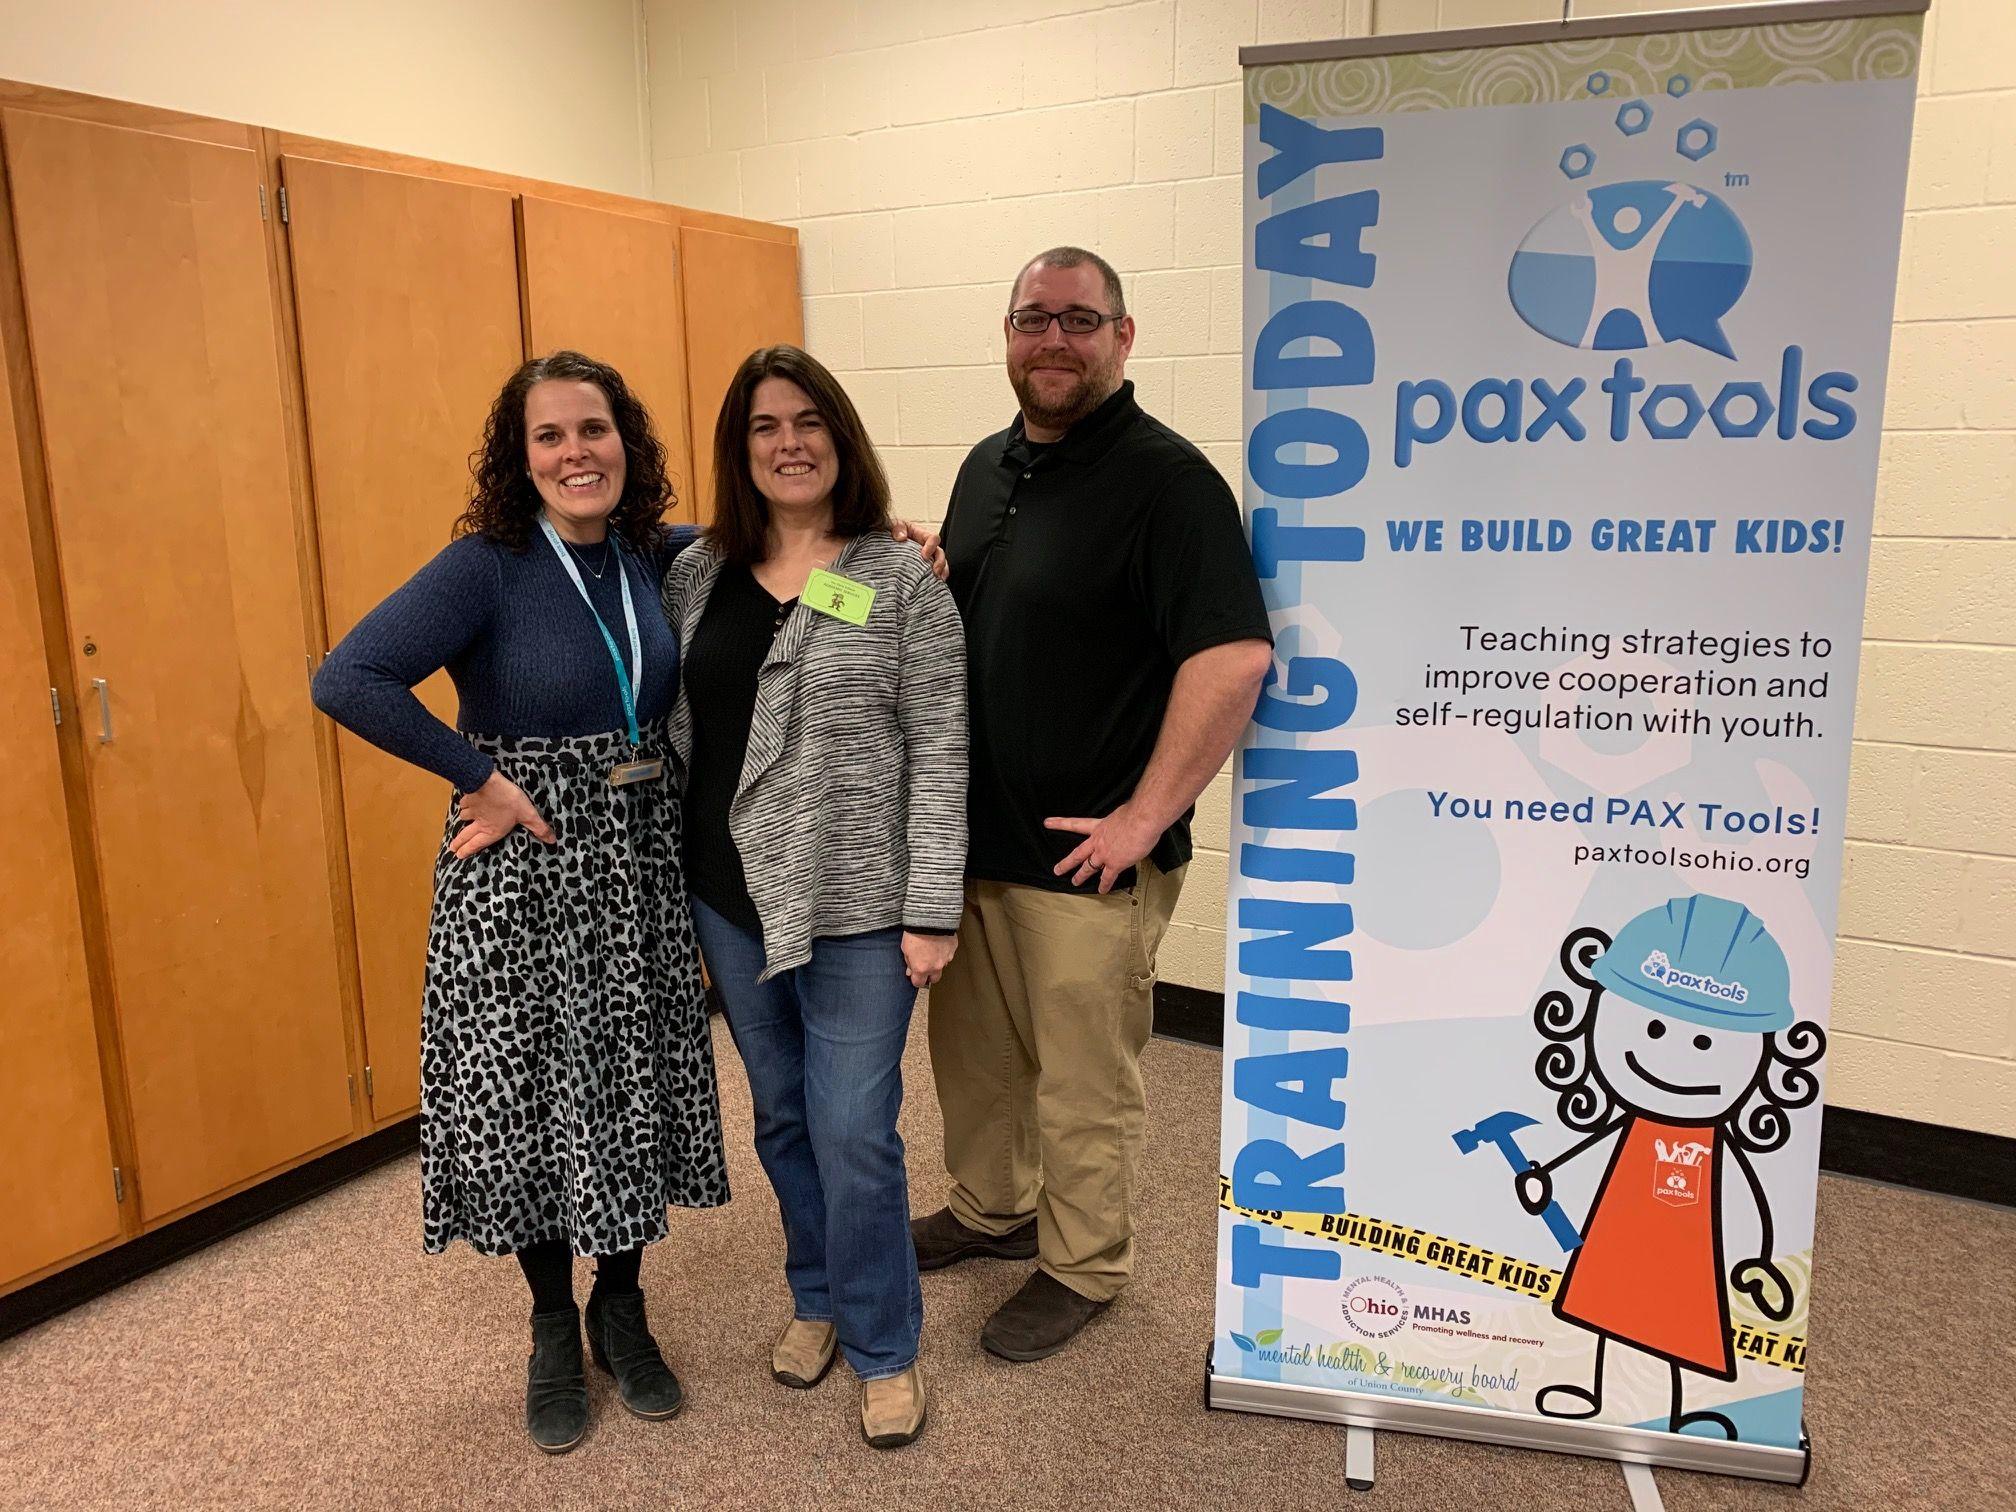 PAX Tools Webinar